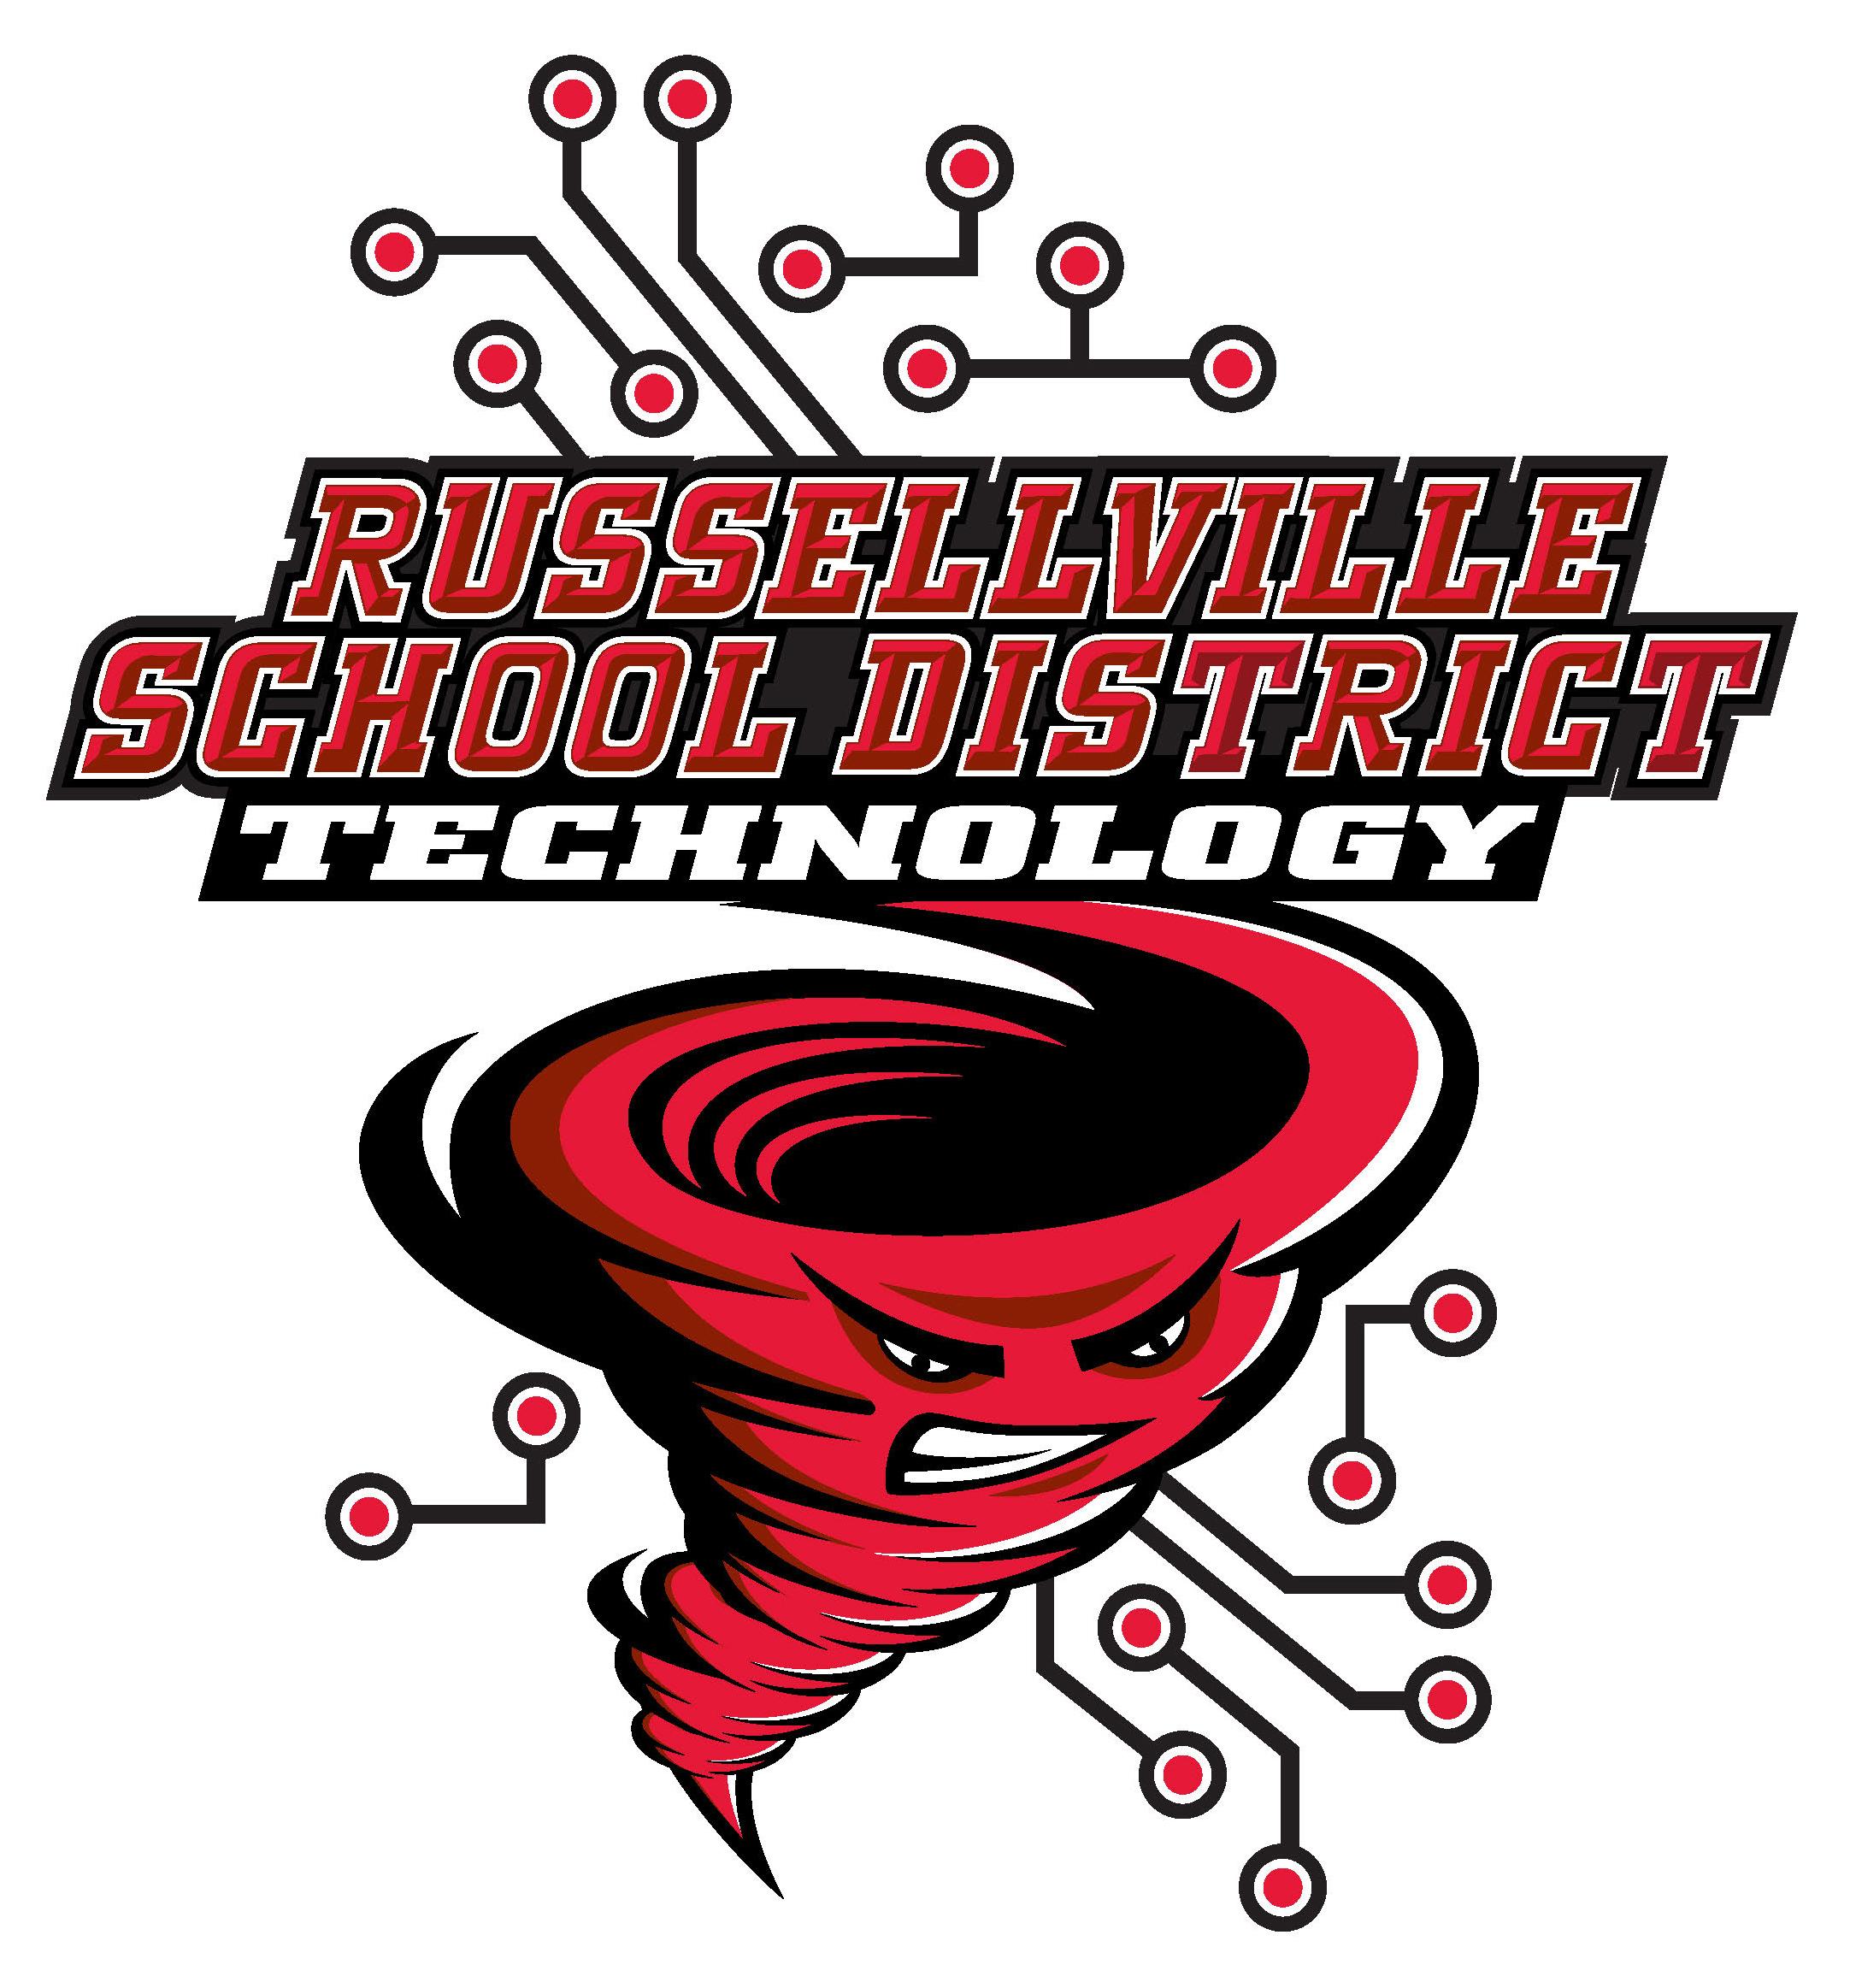 Reussellville School District